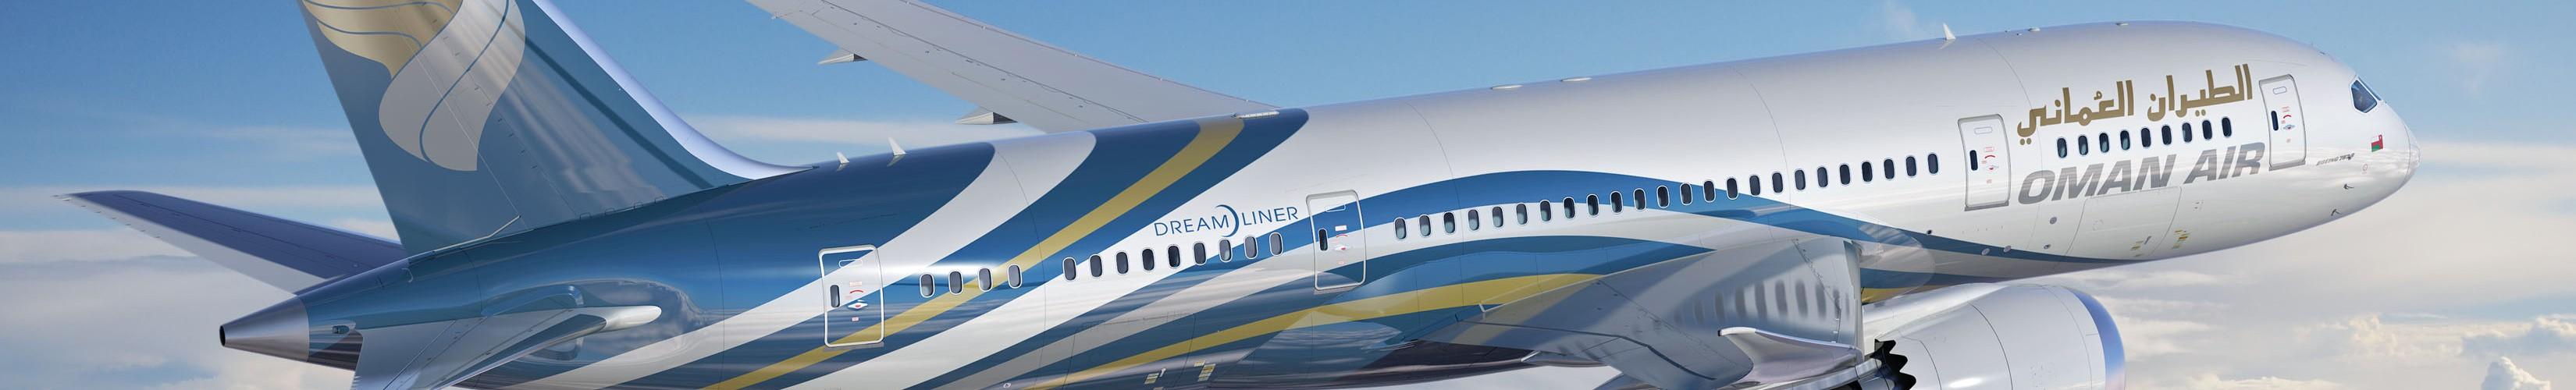 الطيران العماني دريملاينر 787